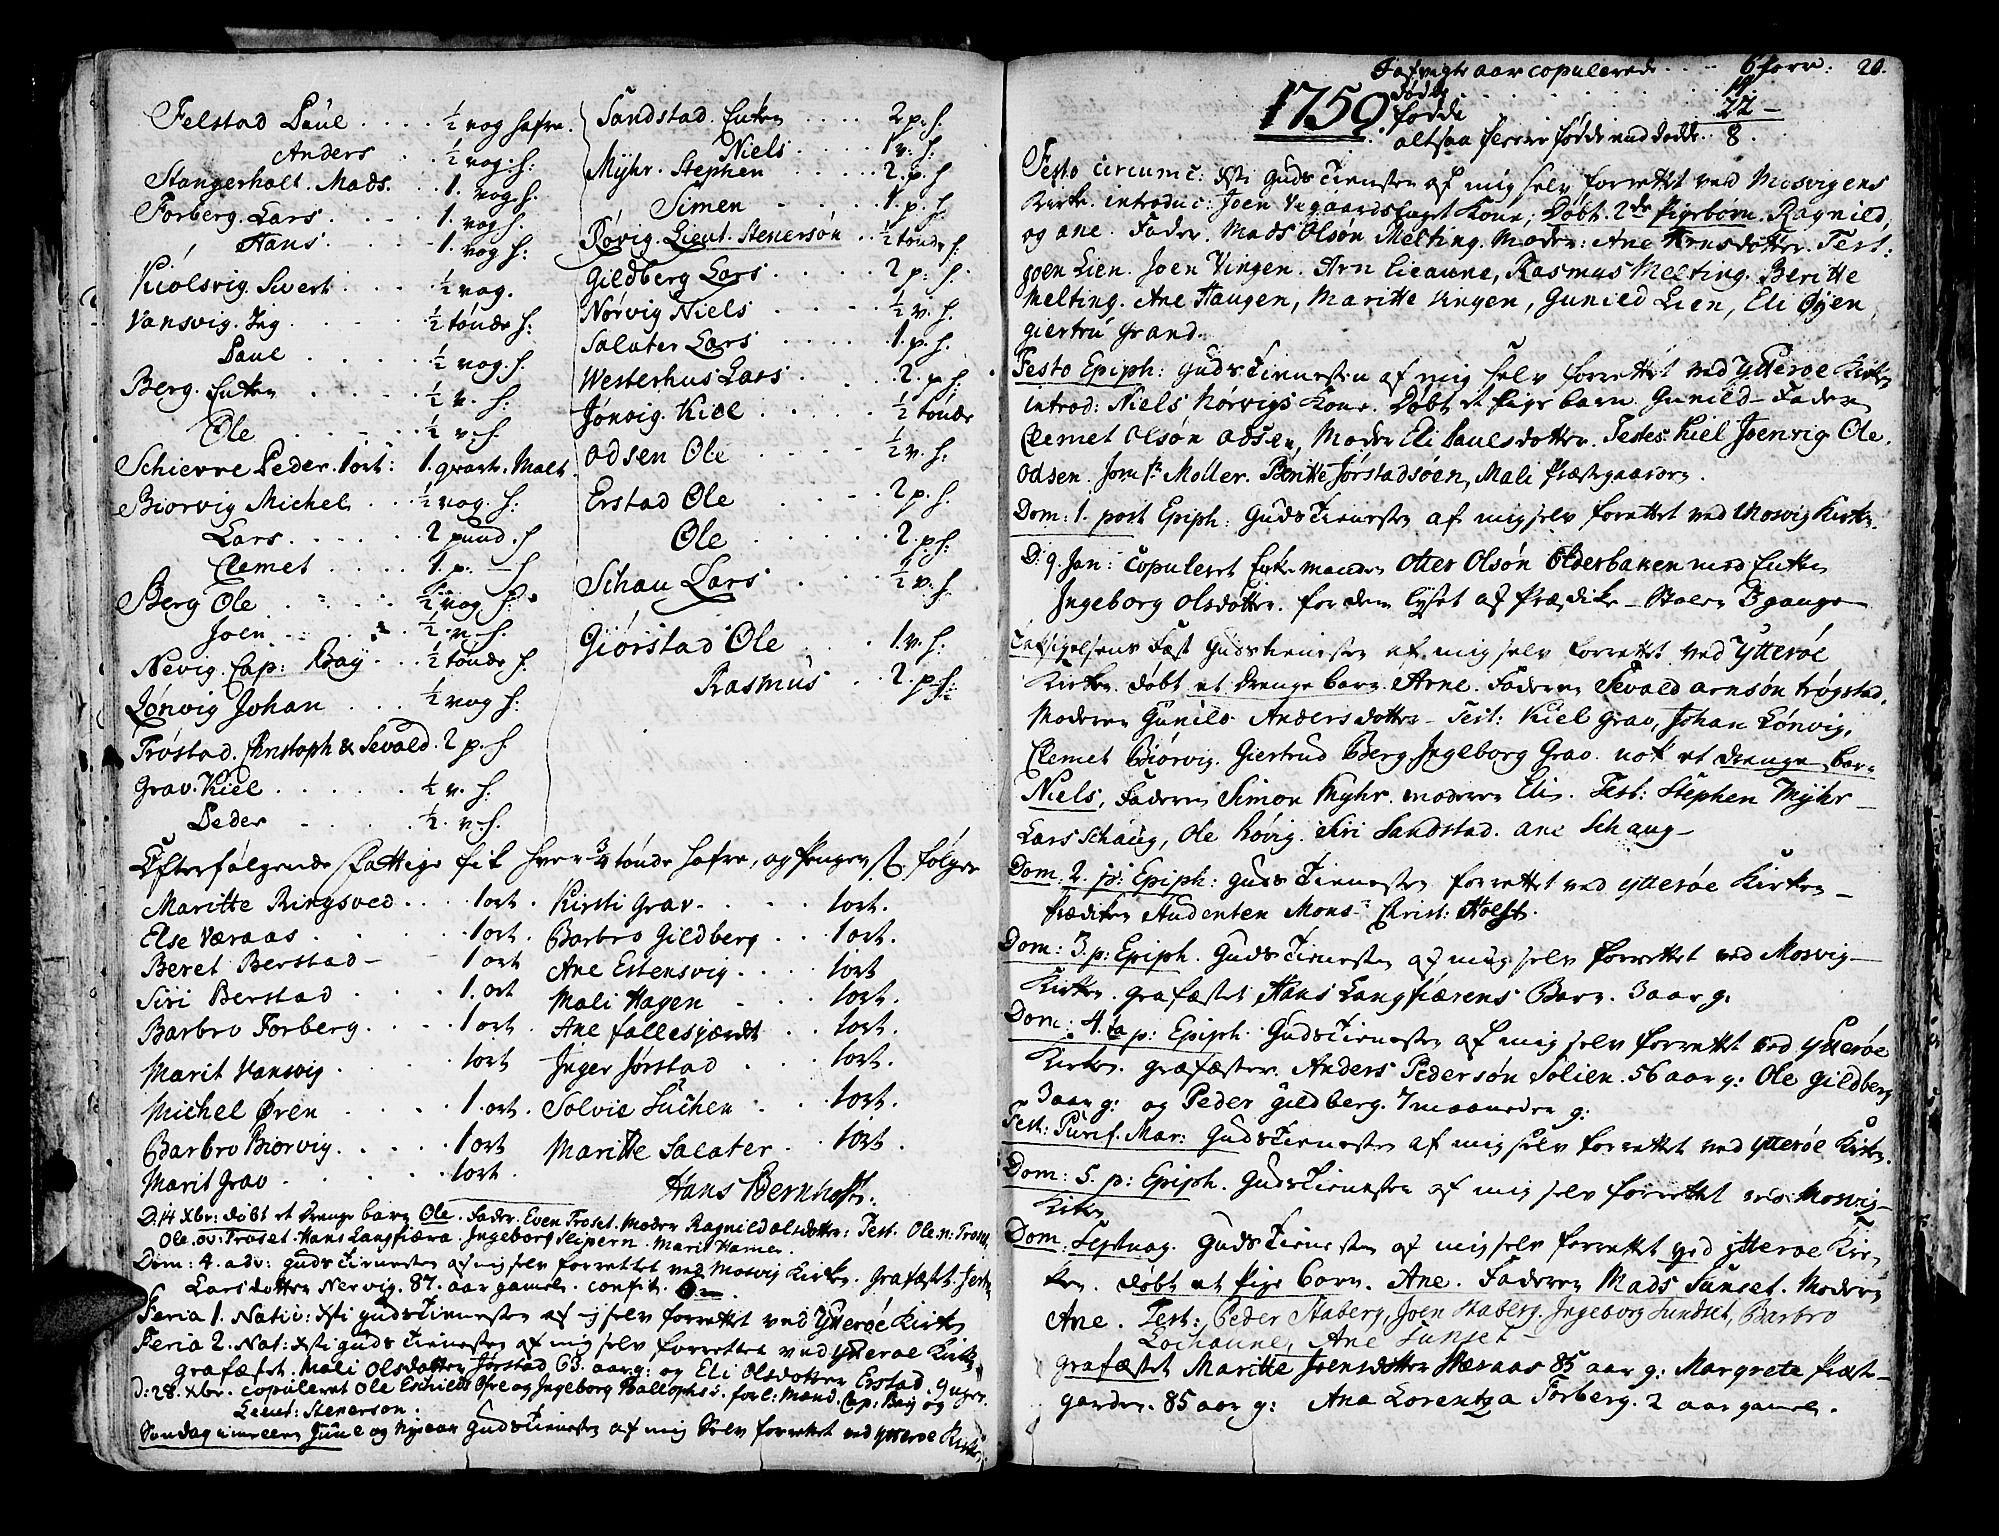 SAT, Ministerialprotokoller, klokkerbøker og fødselsregistre - Nord-Trøndelag, 722/L0216: Ministerialbok nr. 722A03, 1756-1816, s. 20